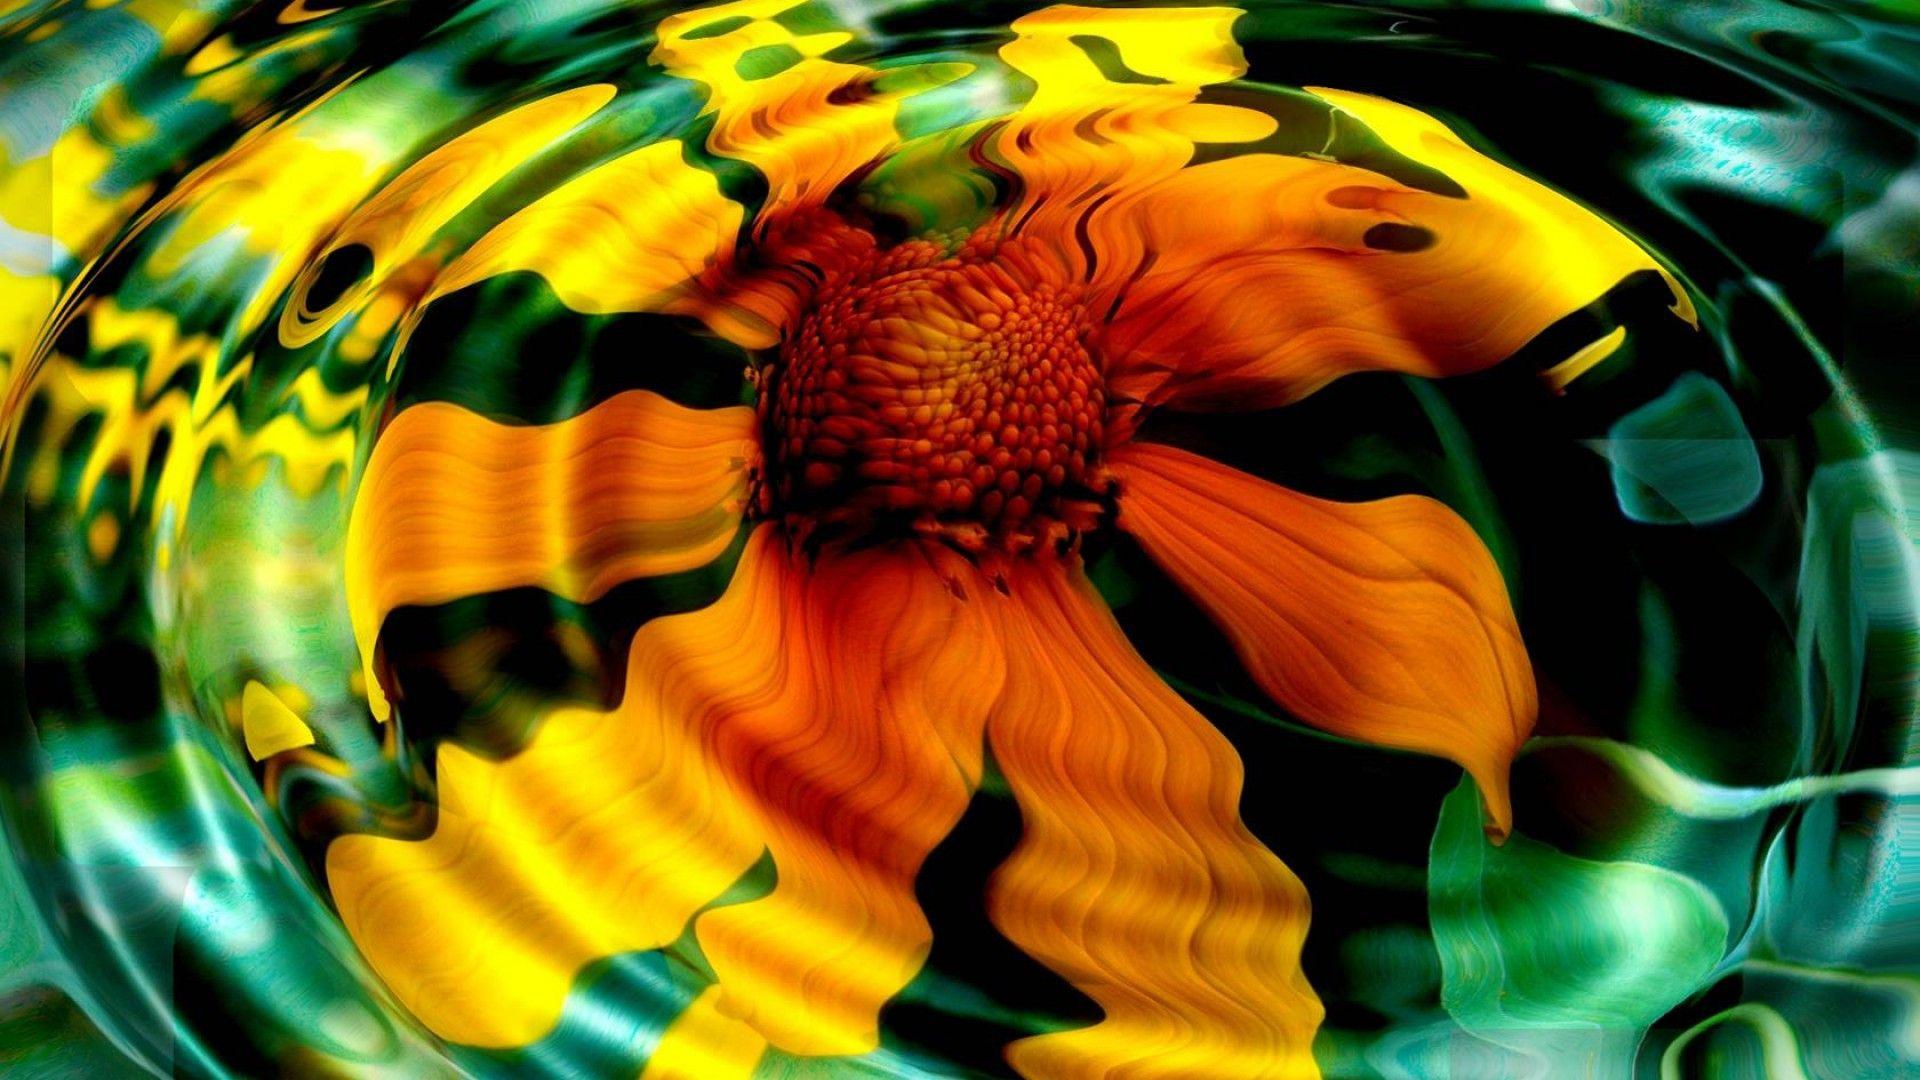 Nature Hd Widescreen Wallpaper Mekamak